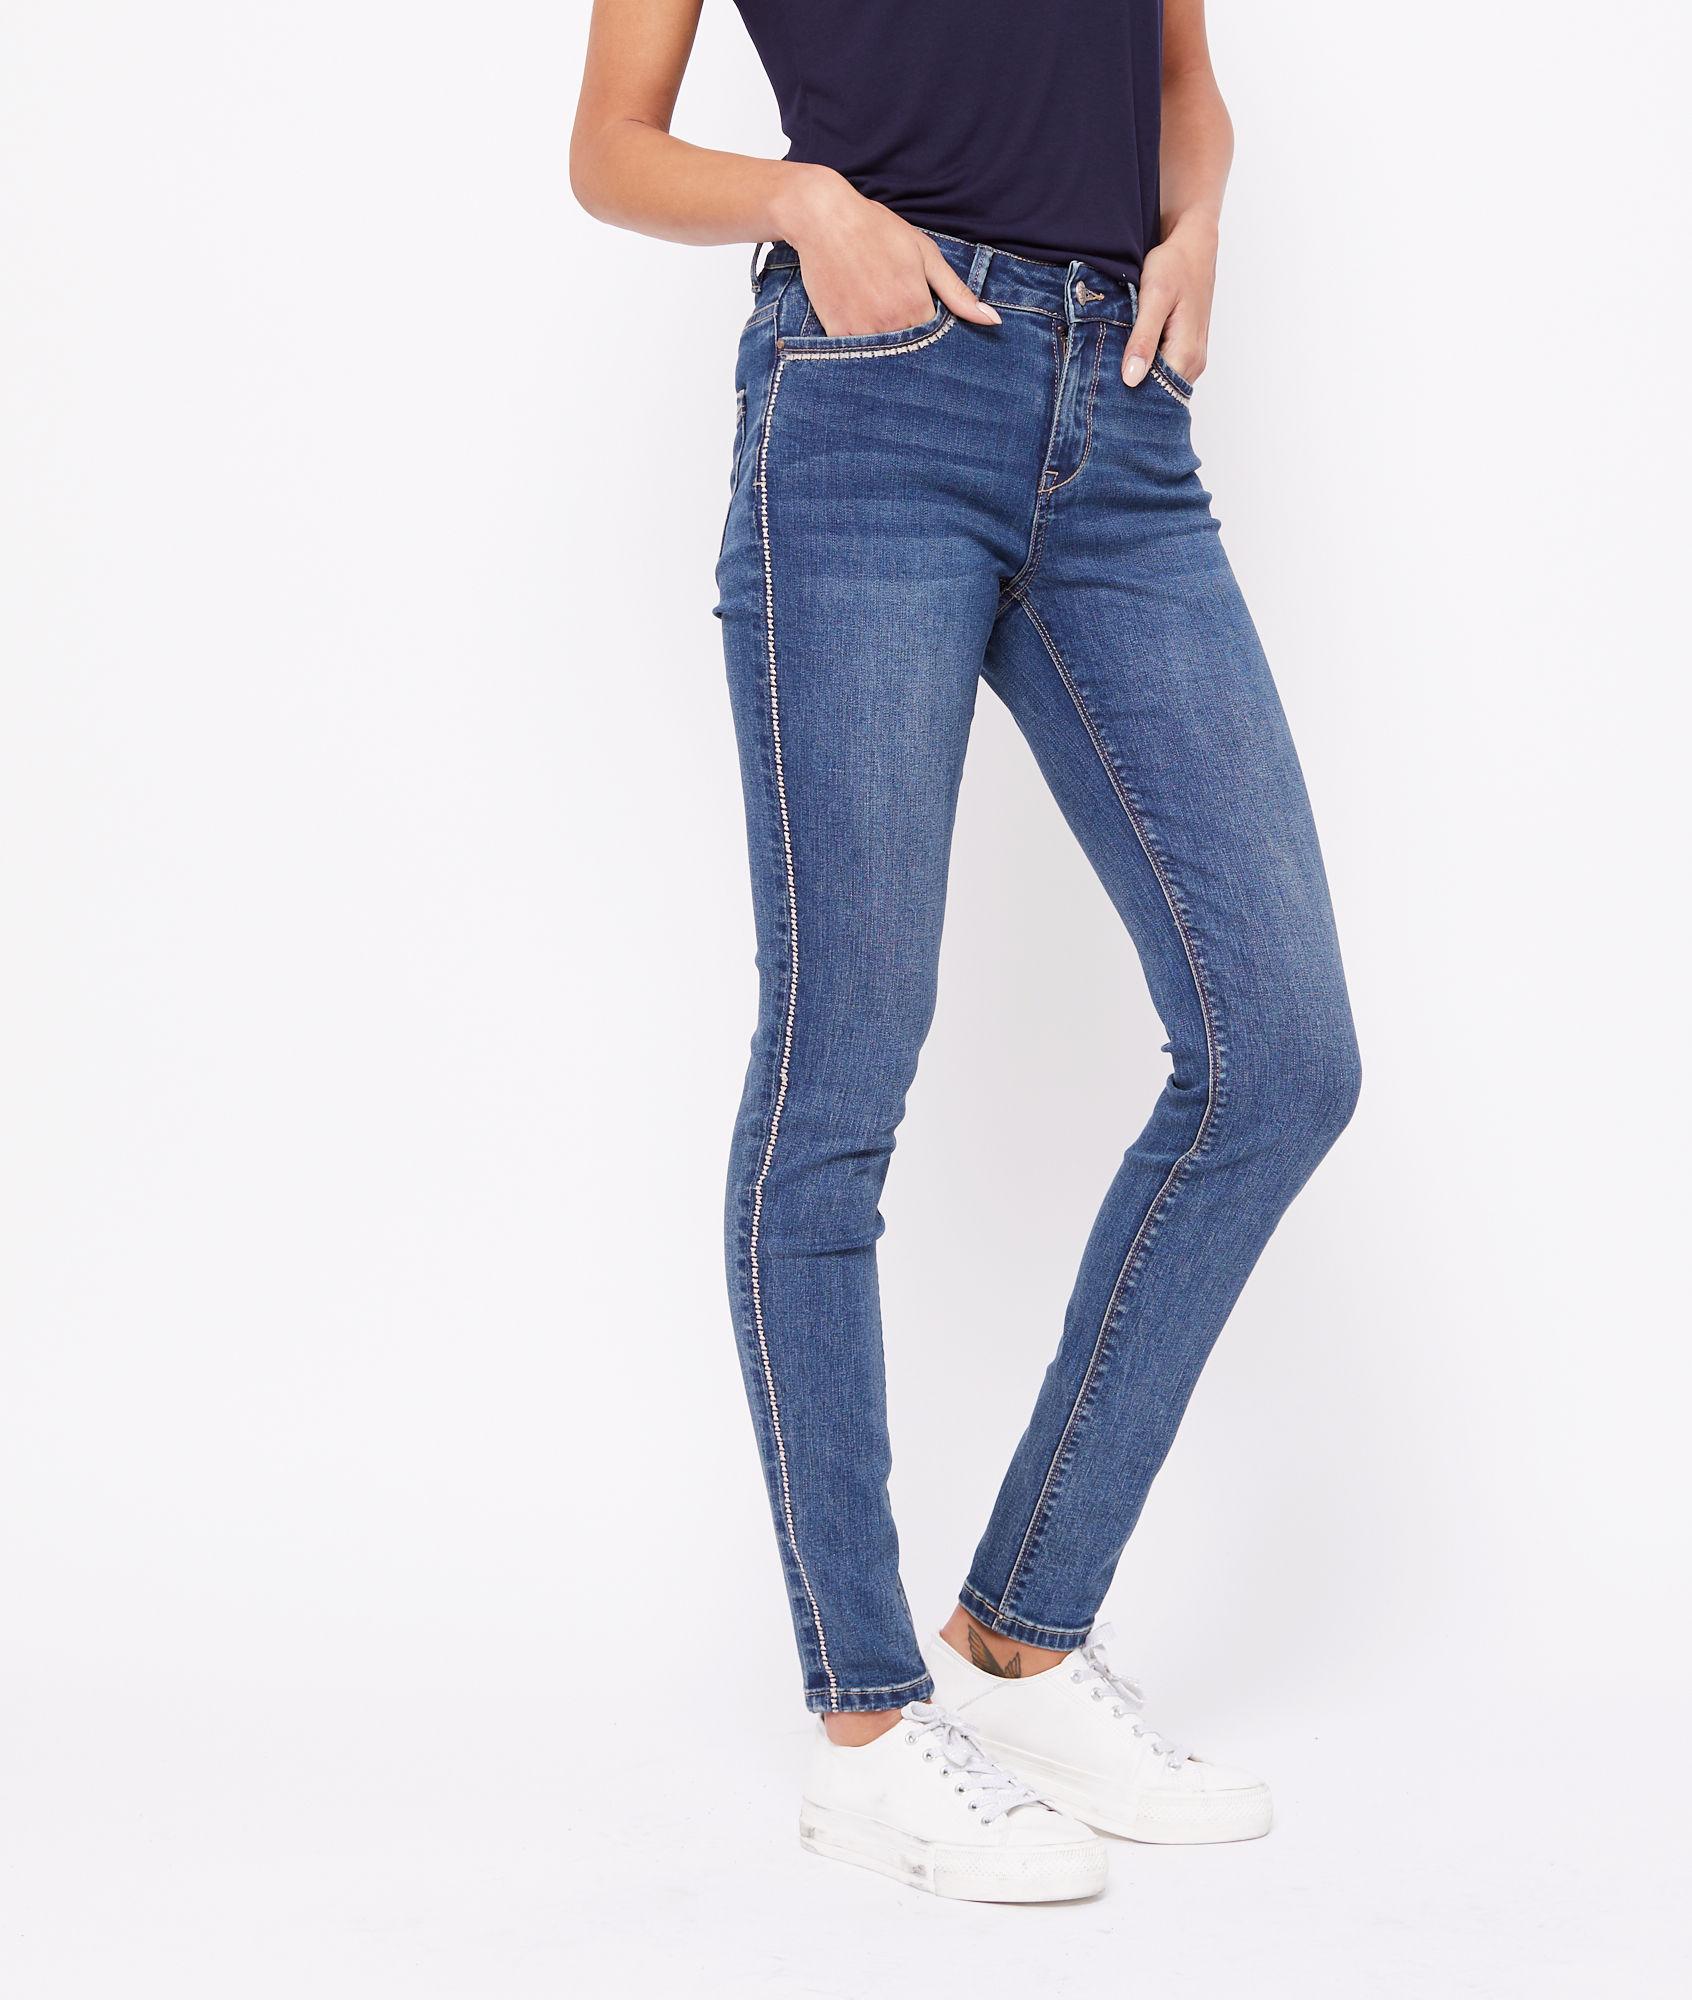 jean taille haute brodé etam